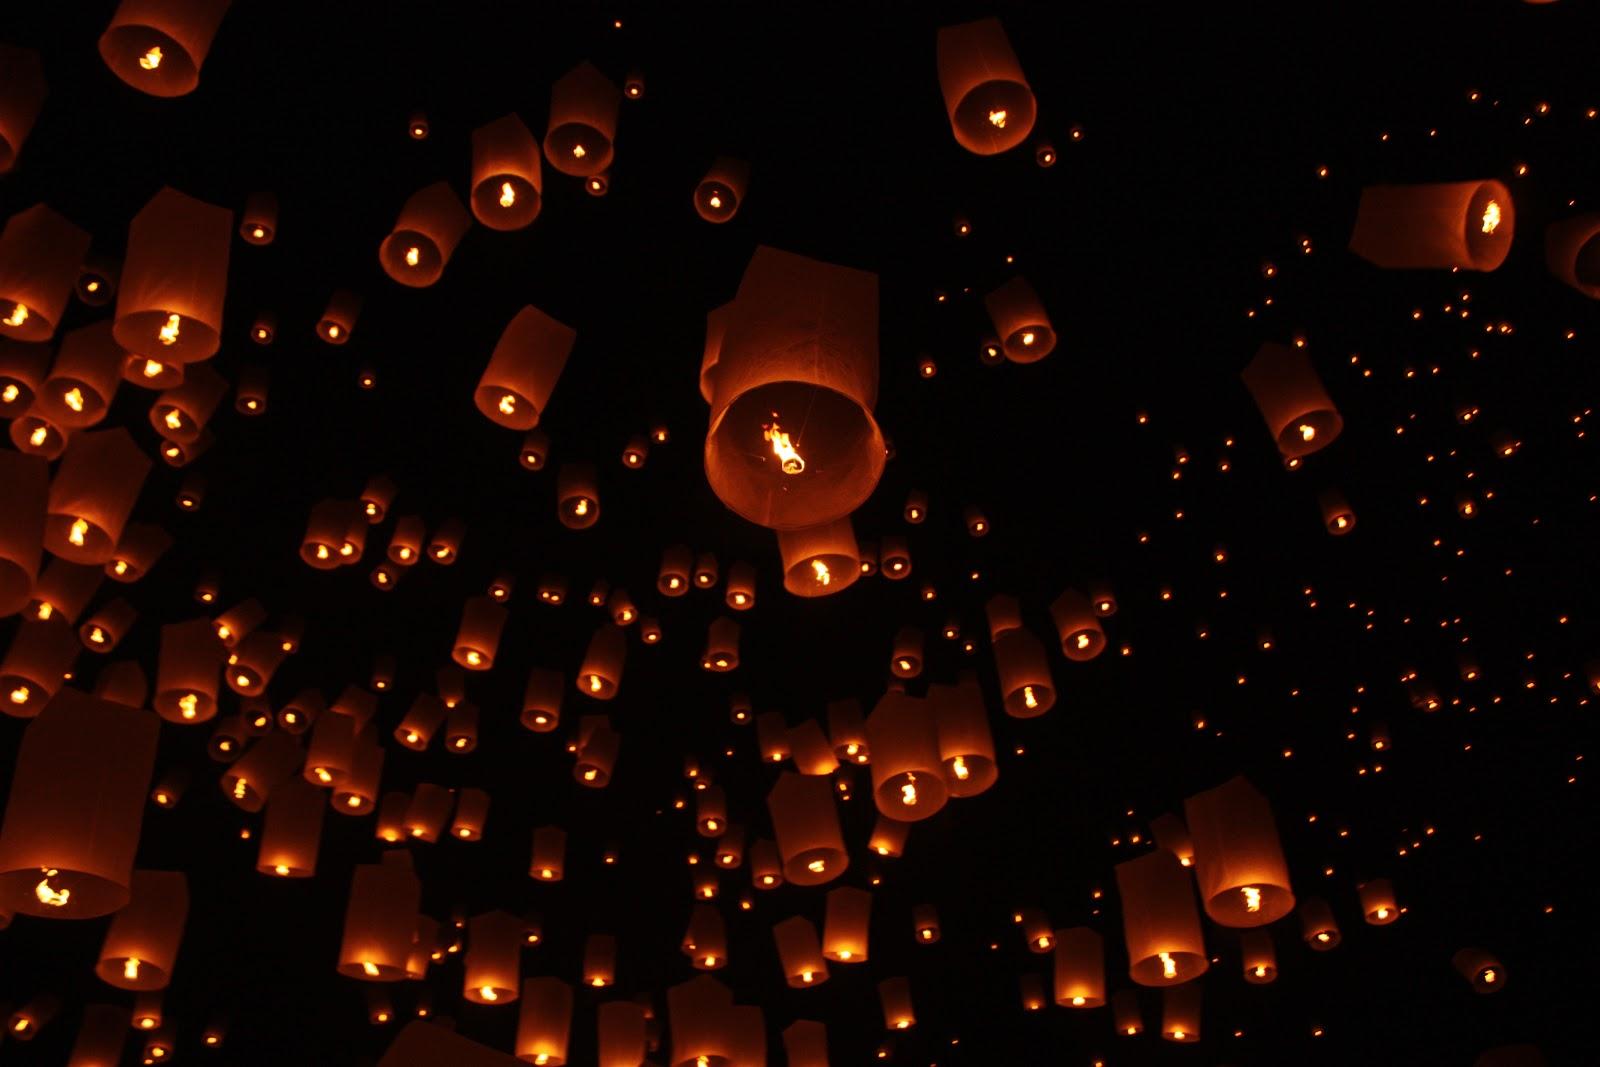 Yi Peng - The Lantern Festival - Bounding Over Our Steps for Lantern Festival Tangled  56bof